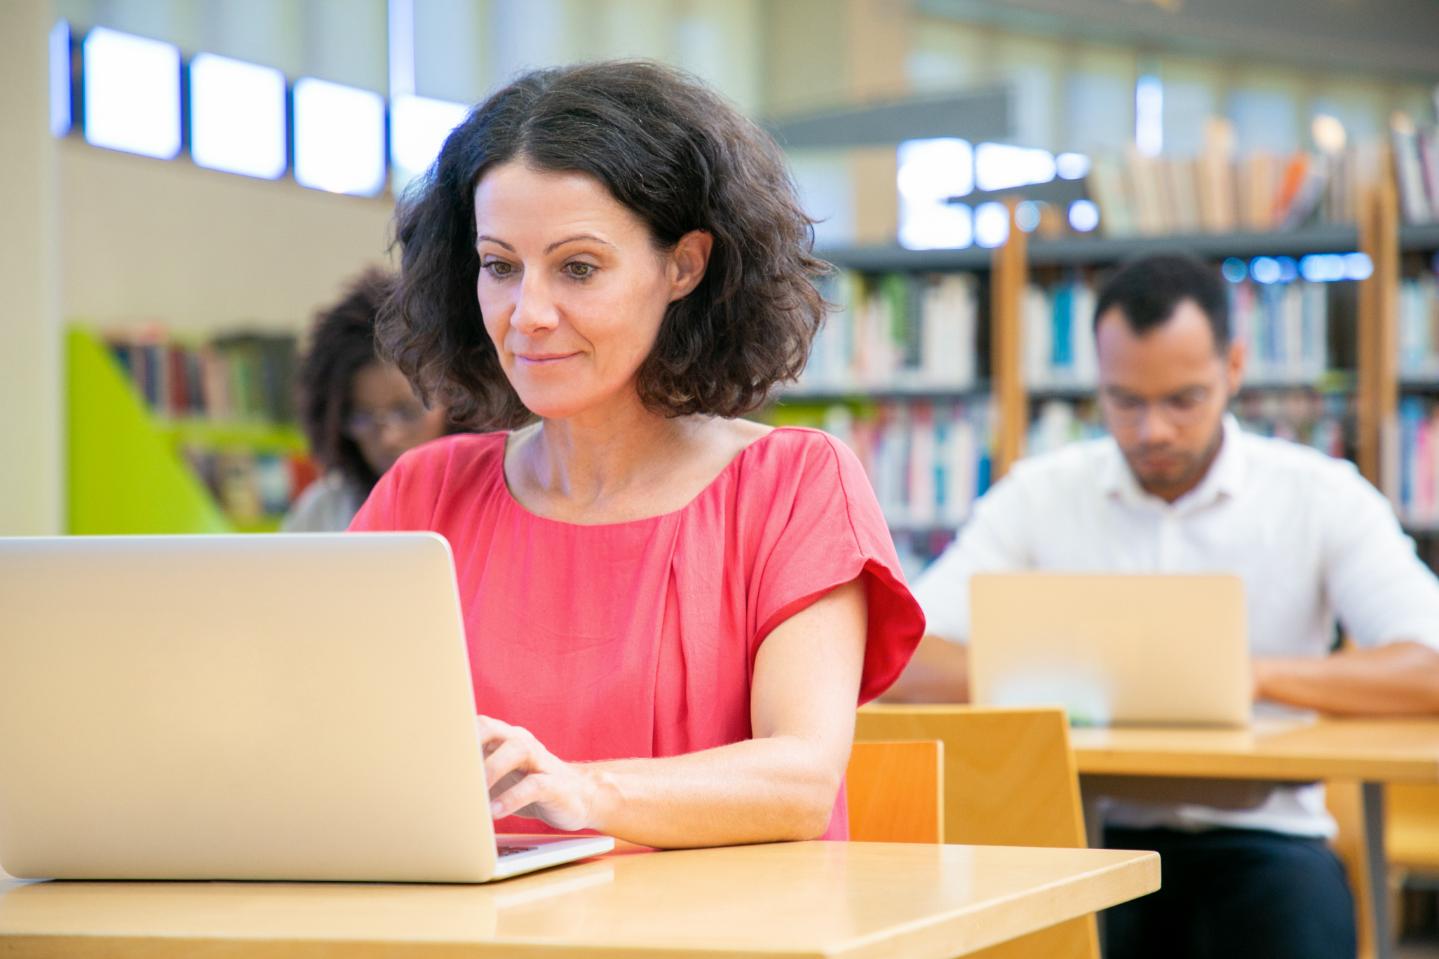 2 personnages à la bibliothèque devant leur écran d'ordinateur